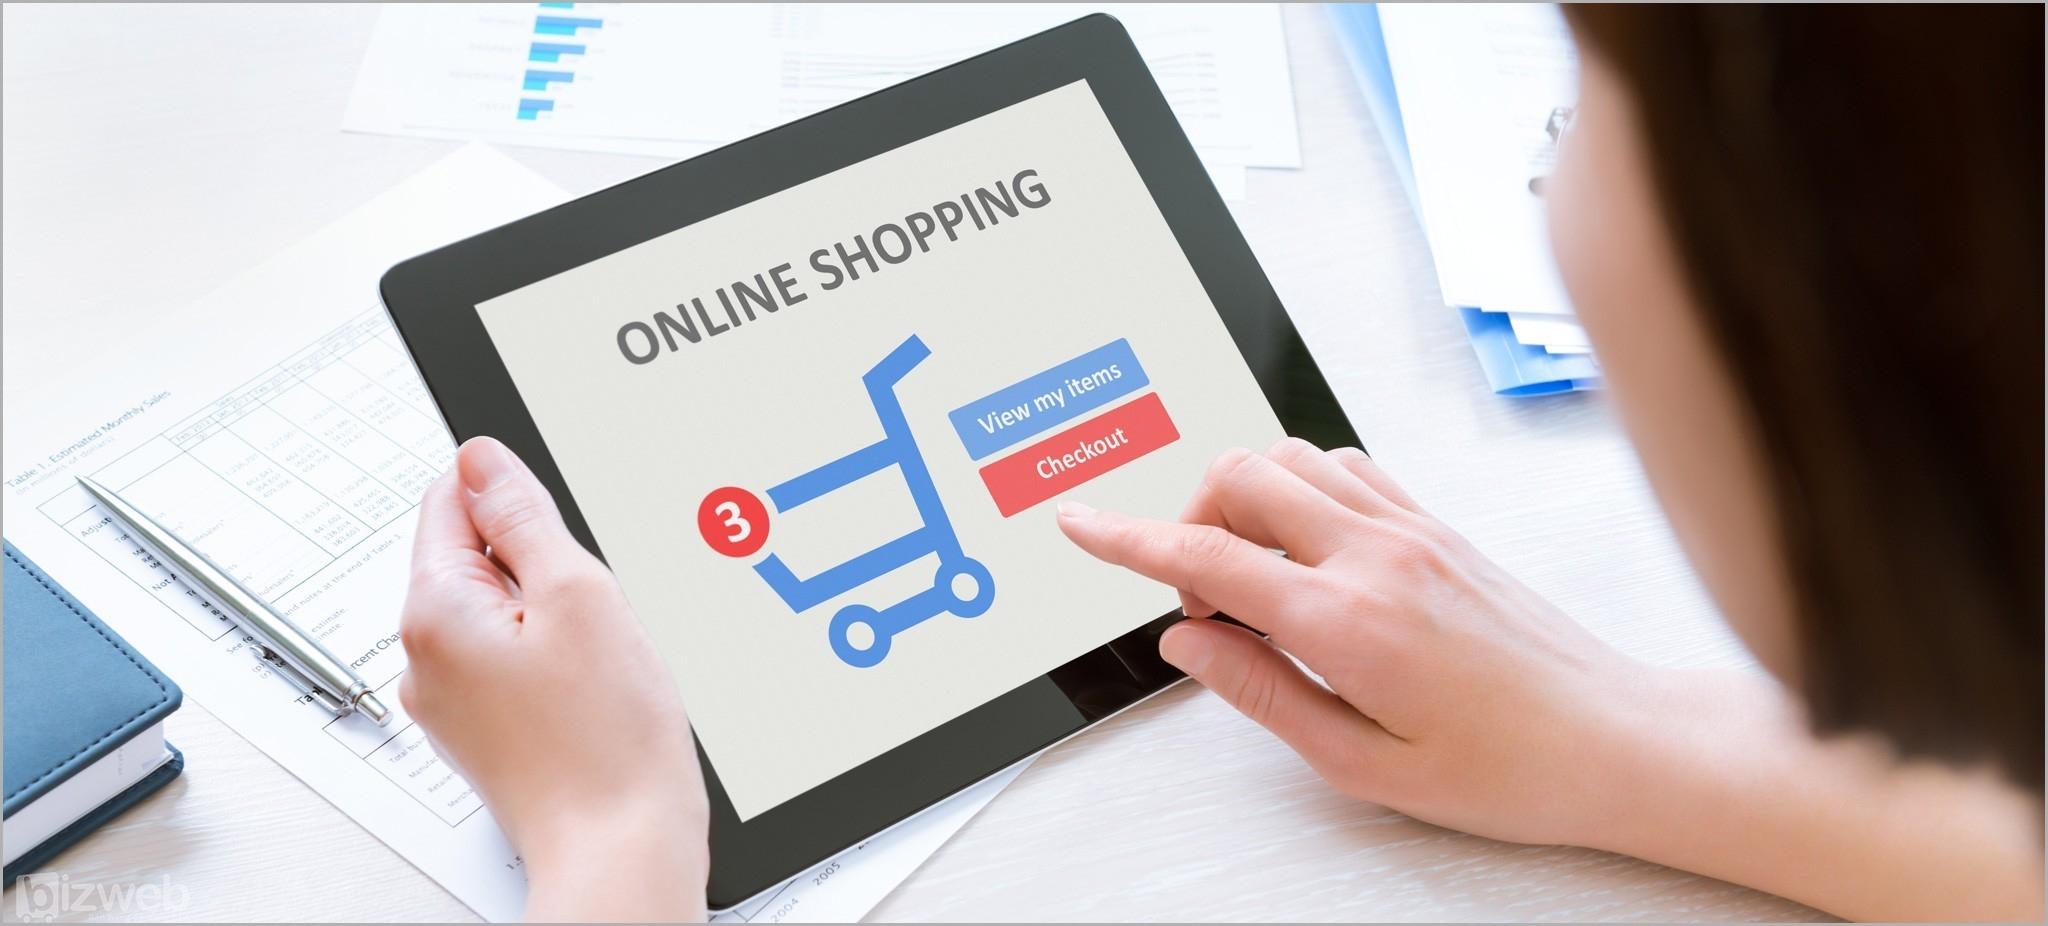 Bài học cần nhớ khi tạo dựng website online